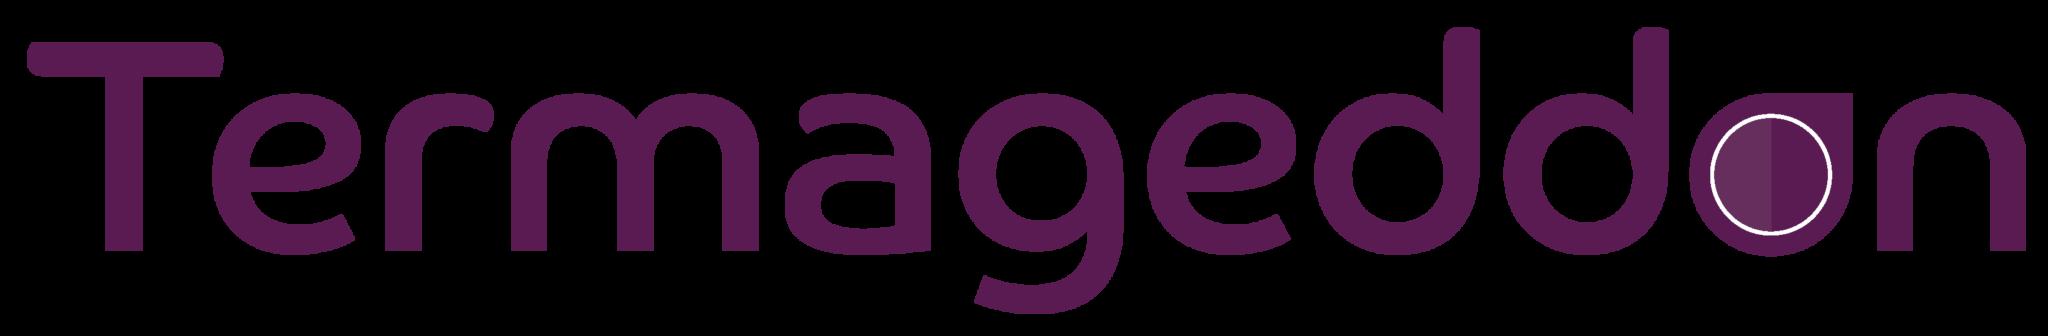 Termageddon Logo